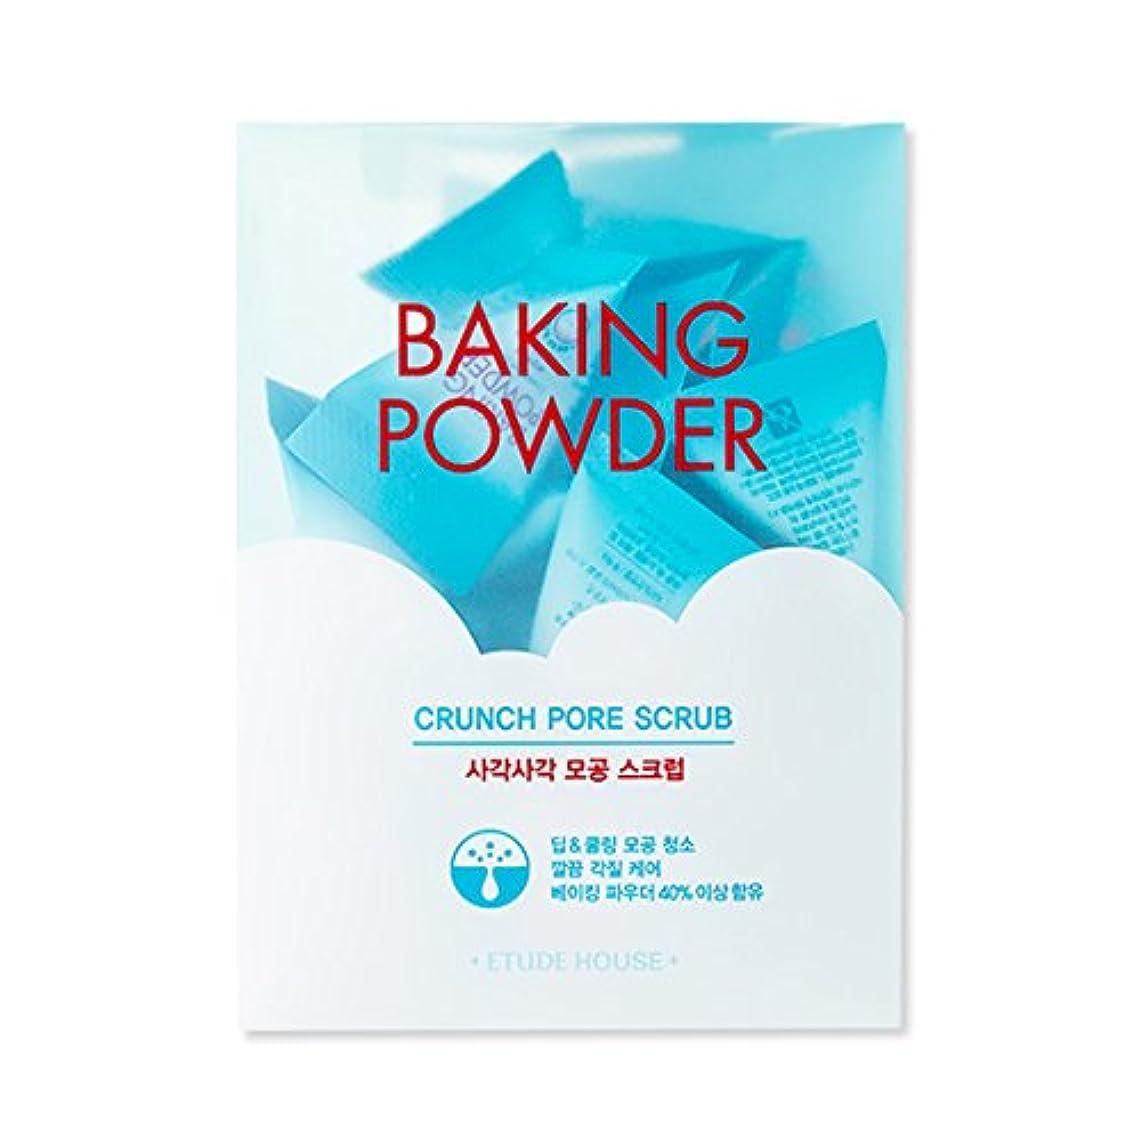 議会無許可不屈[2016 Upgrade!] ETUDE HOUSE Baking Powder Crunch Pore Scrub 7g×24ea/エチュードハウス ベーキング パウダー クランチ ポア スクラブ 7g×24ea [...